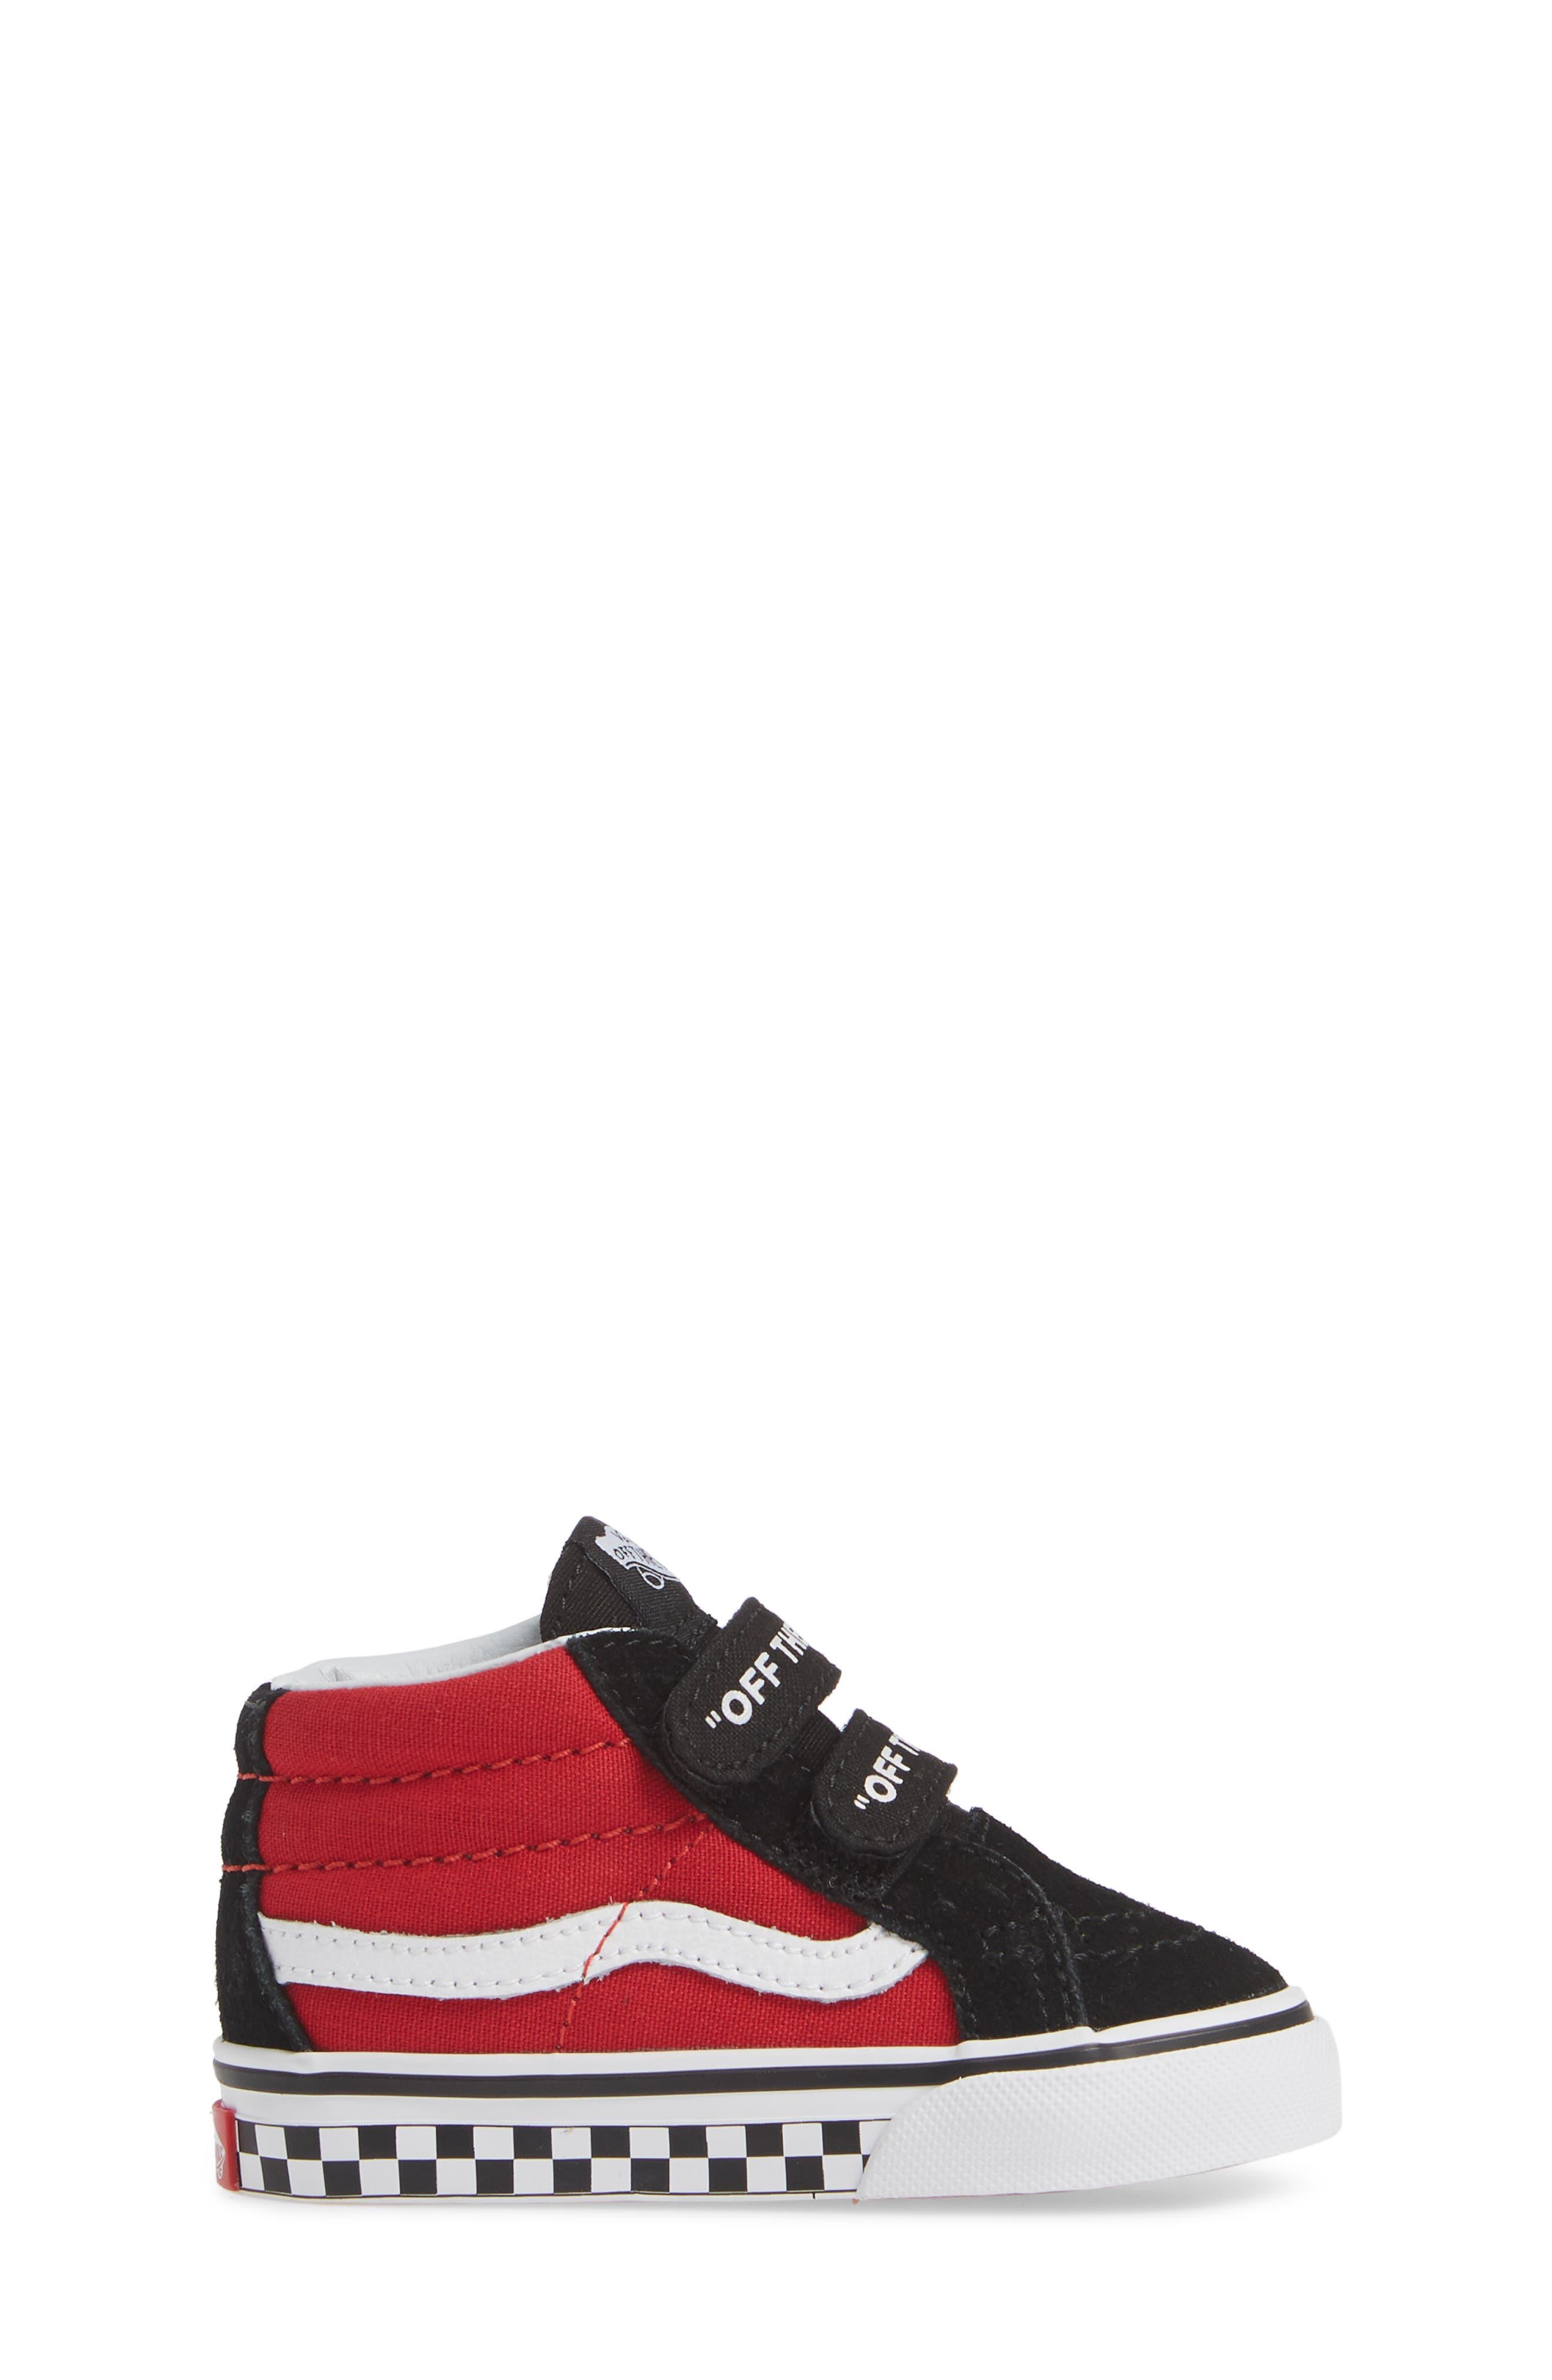 VANS, 'Sk8-Mid Reissue' Sneaker, Alternate thumbnail 3, color, BLACK/ RED / WHITE